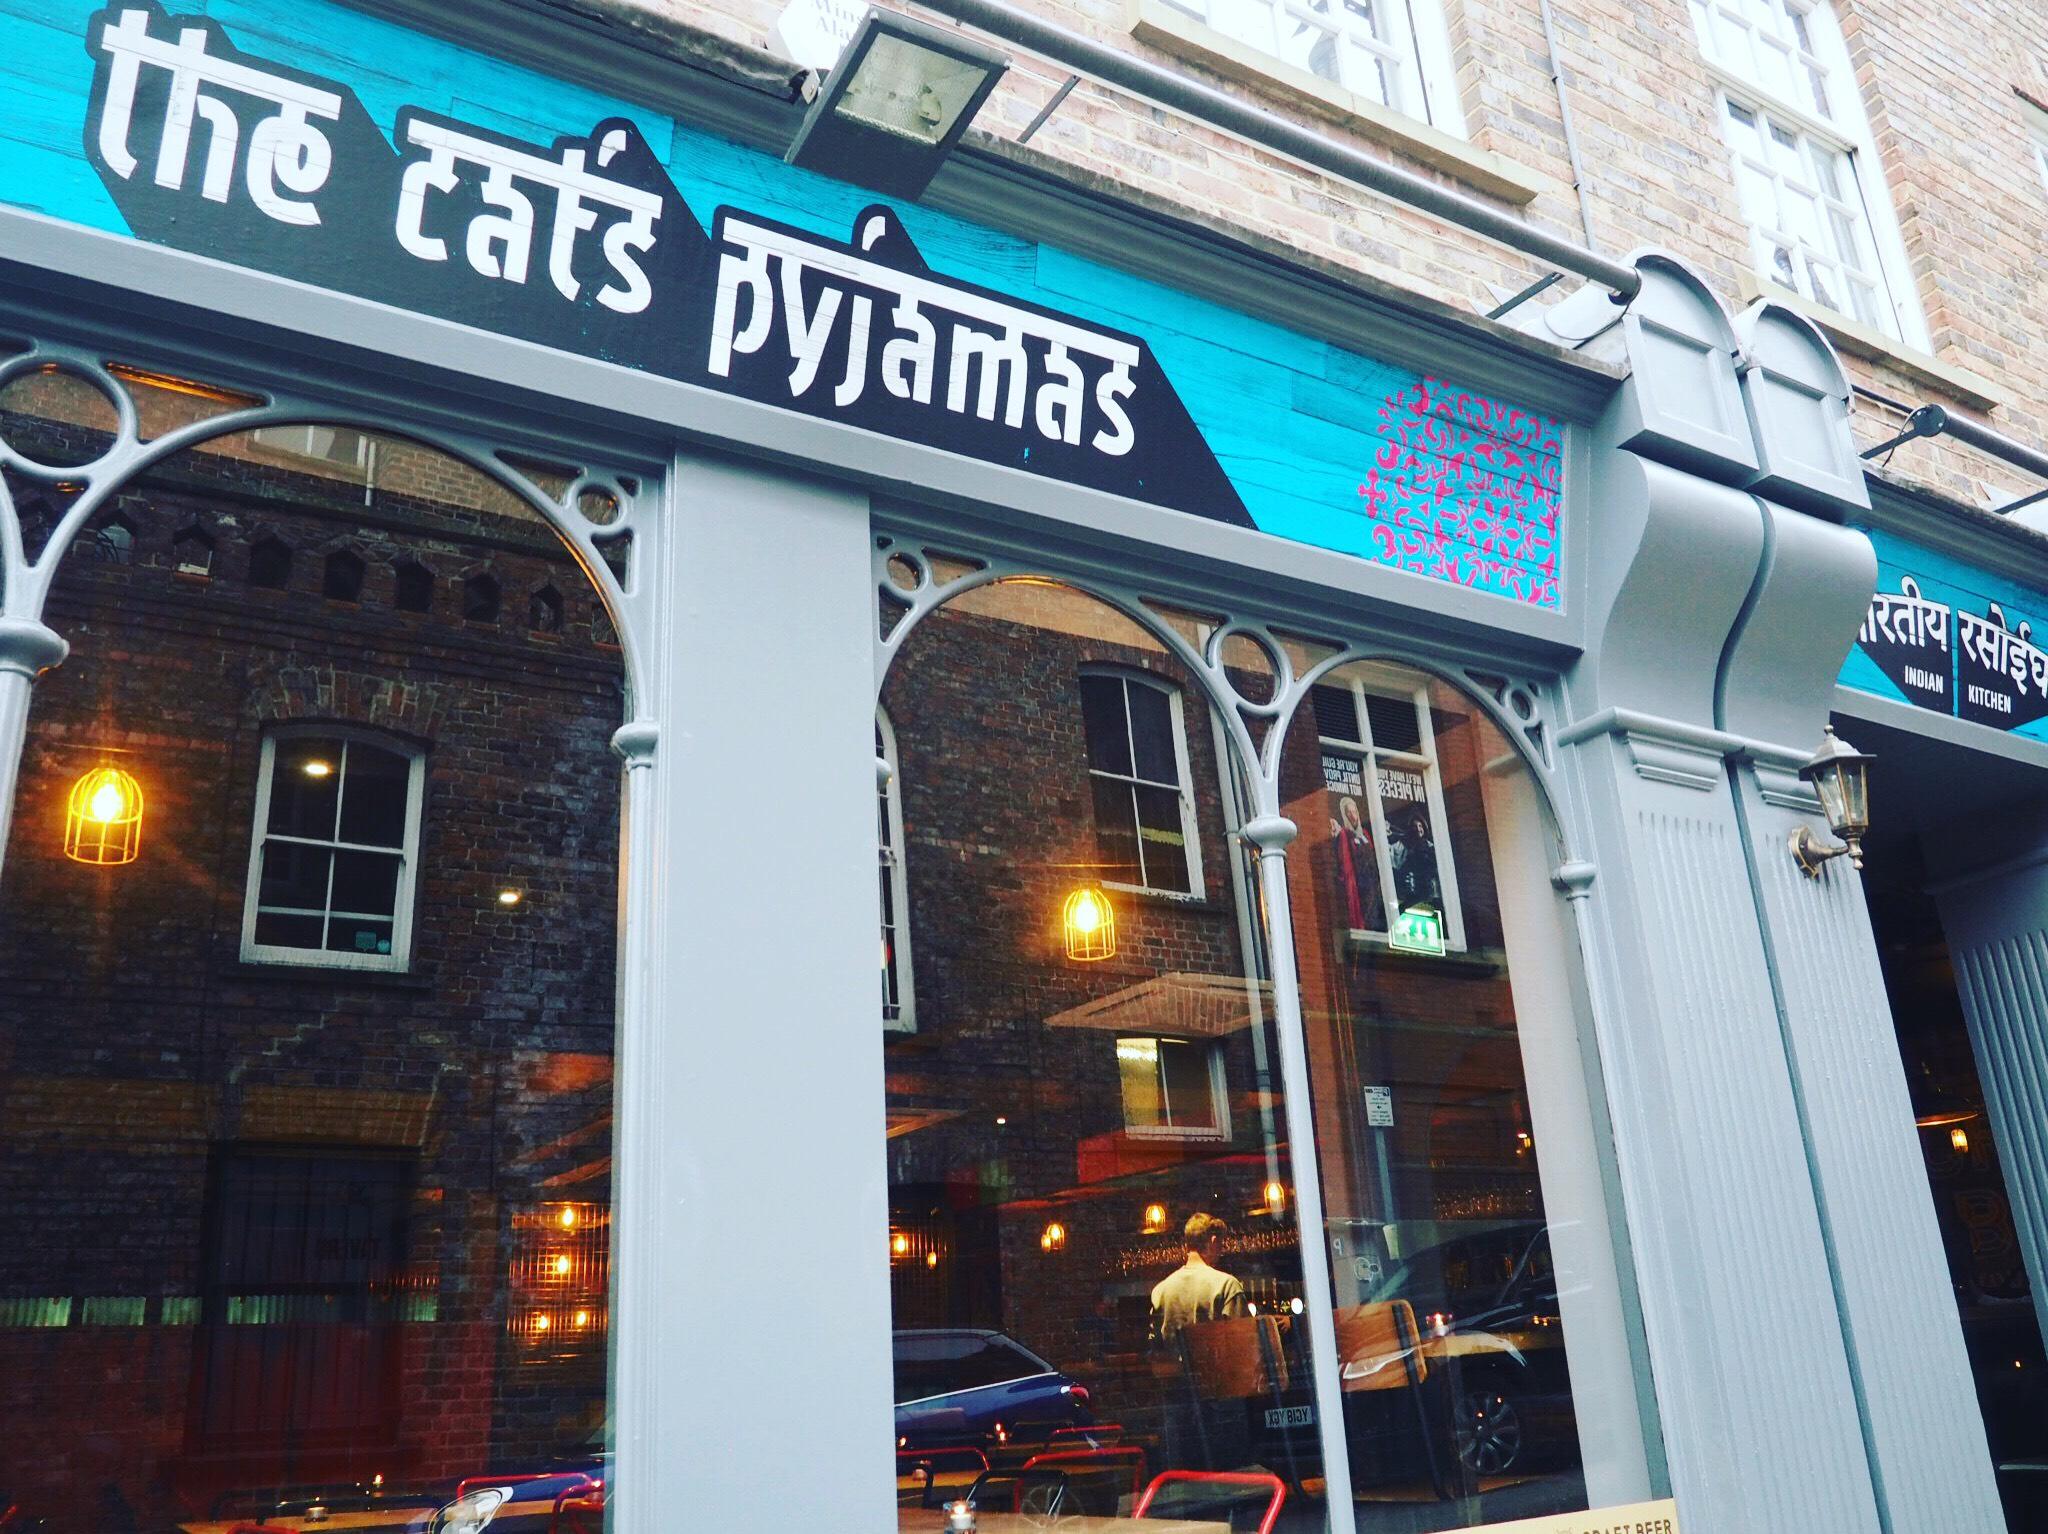 The-Cats-Pyjamas-York